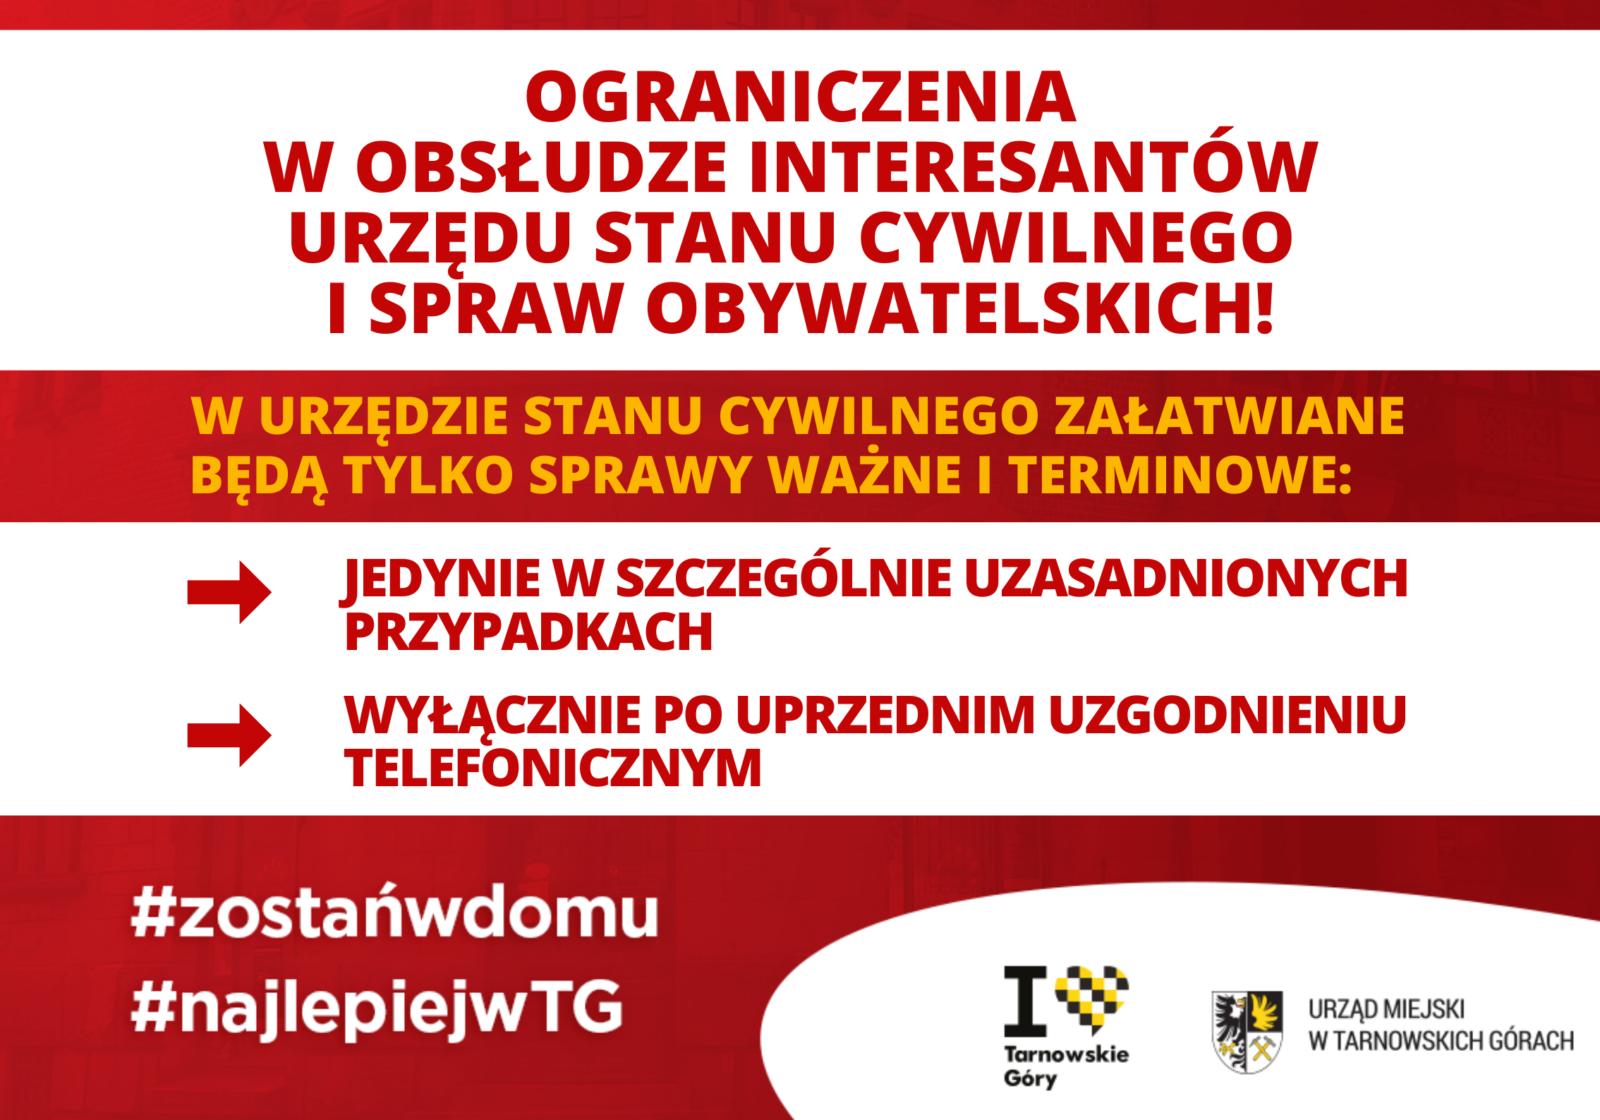 ograniczenia w bezpośredniej obsłudze interesantów Urzędu Stanu Cywilnego i Spraw Obywatelskich, (2)